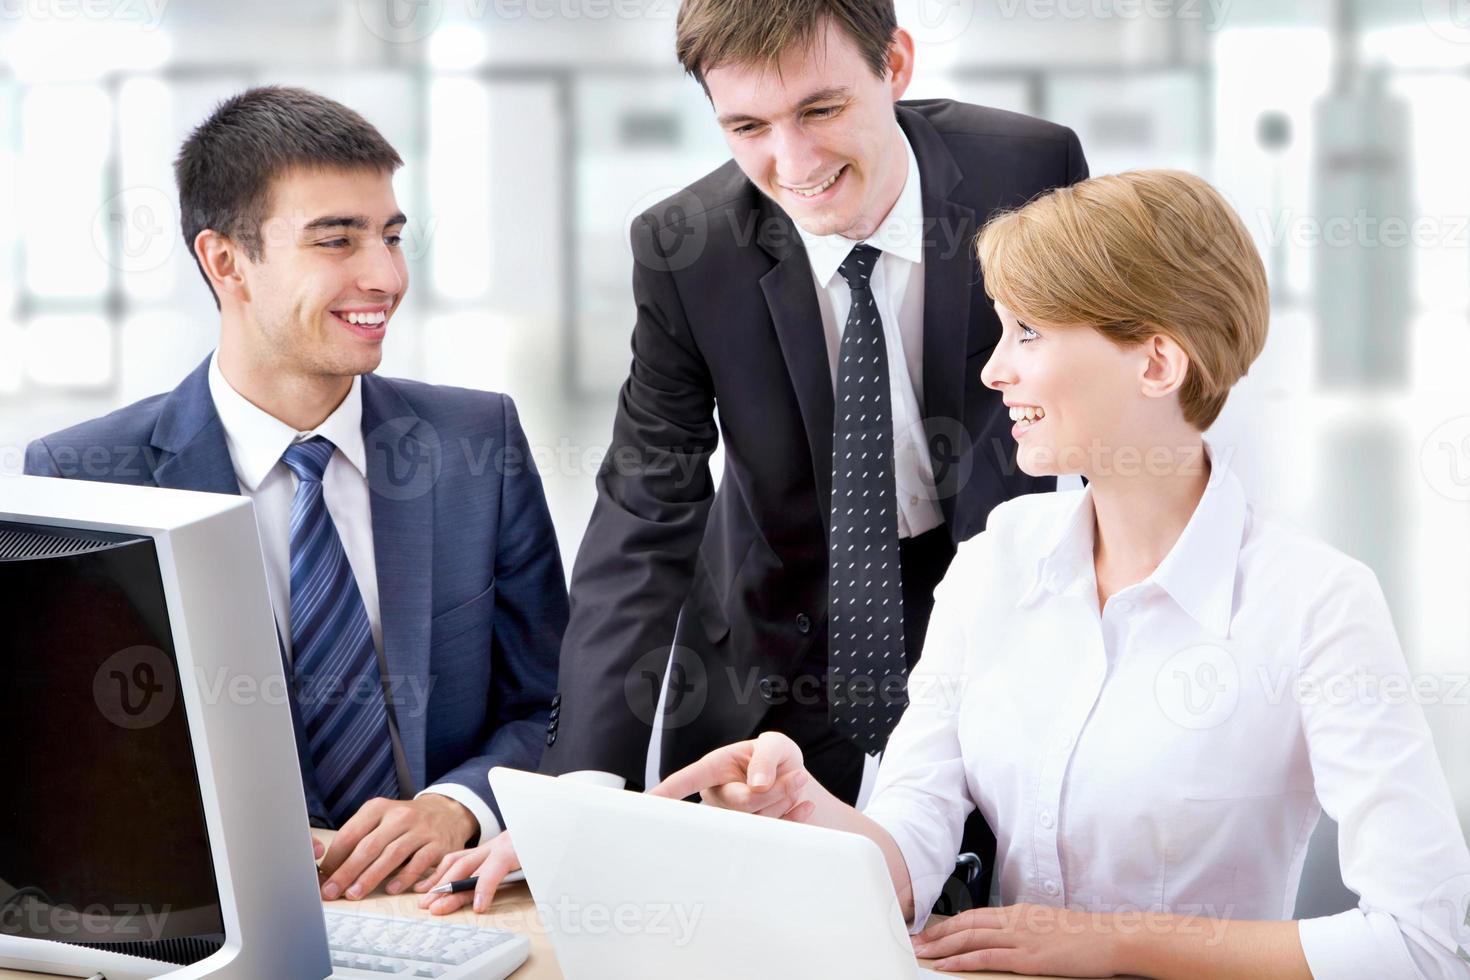 jonge mensen uit het bedrijfsleven foto